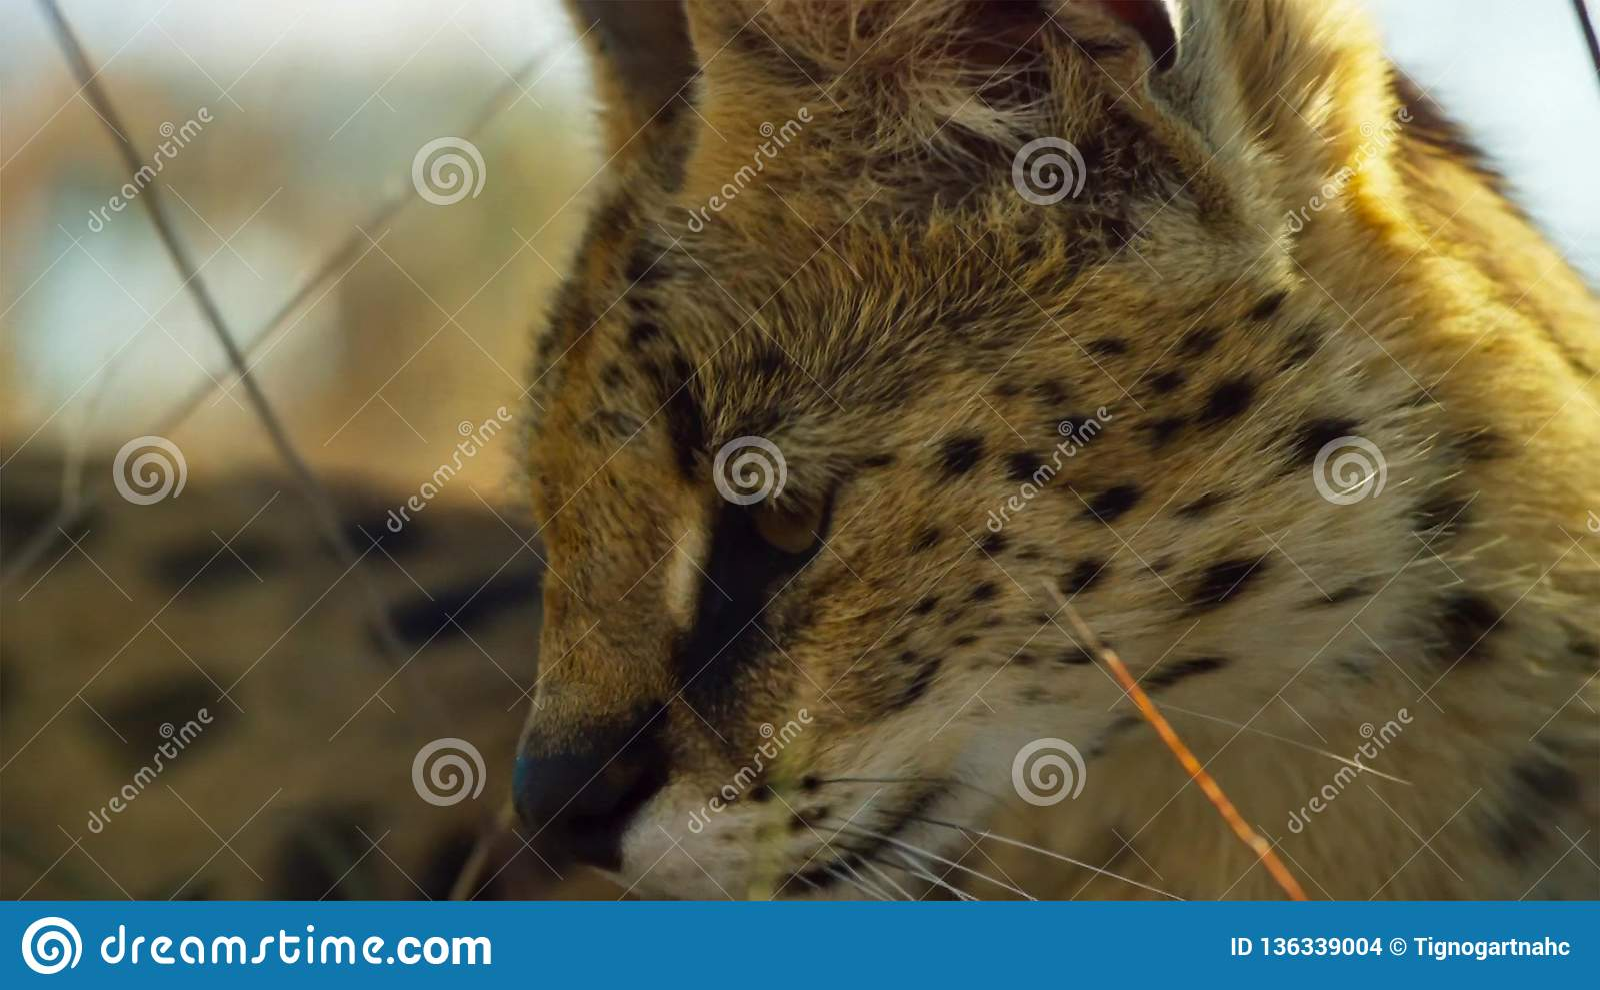 Закройте вверх по коту сервала с запятнанный как гепард и дополнительные длинные ноги, саванна, Африка